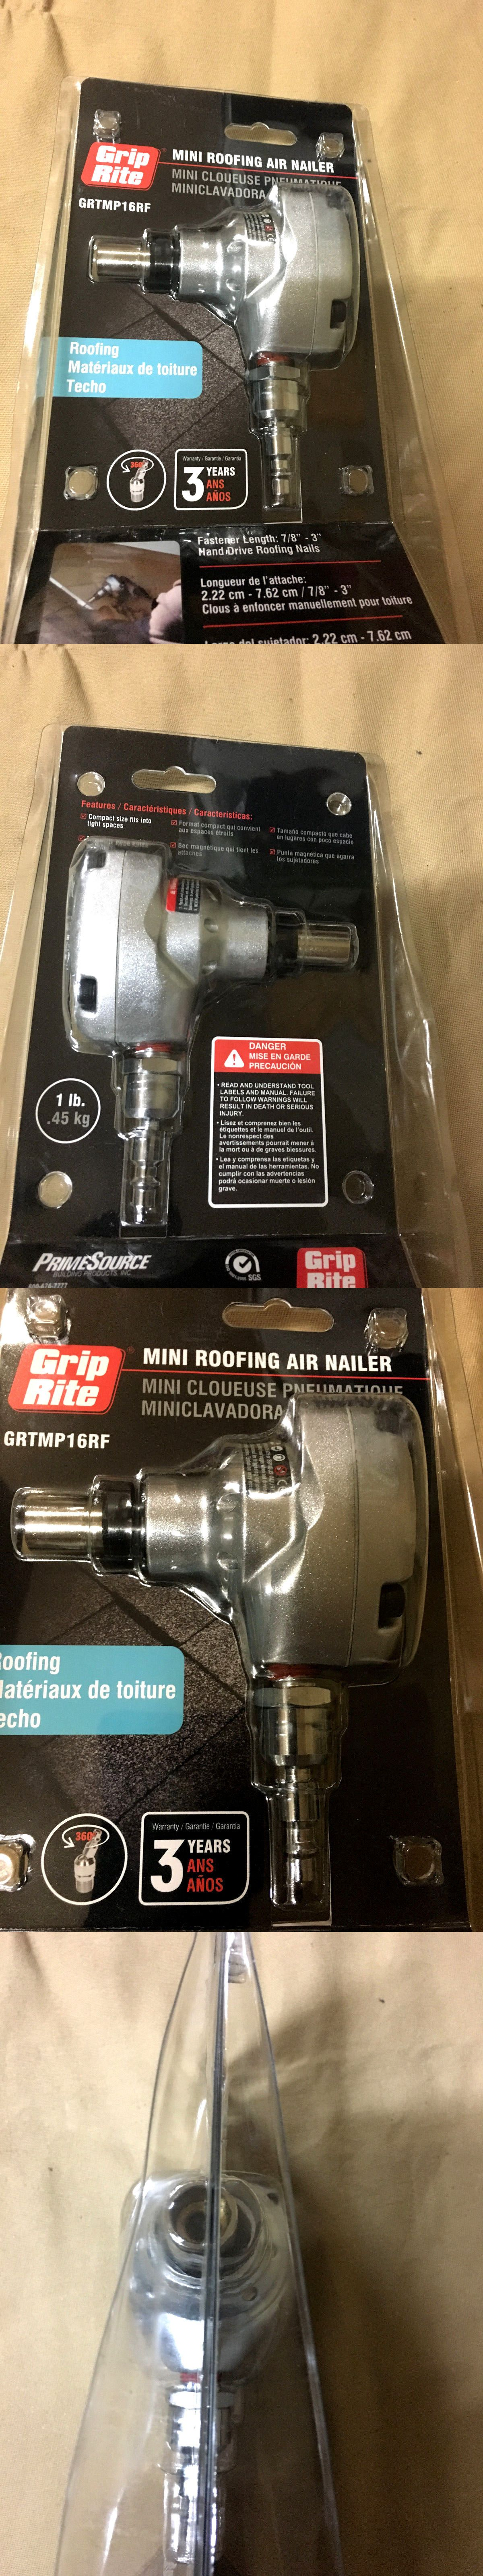 Air Tools 85759 Grip Rite Mini Roofing Air Nailer